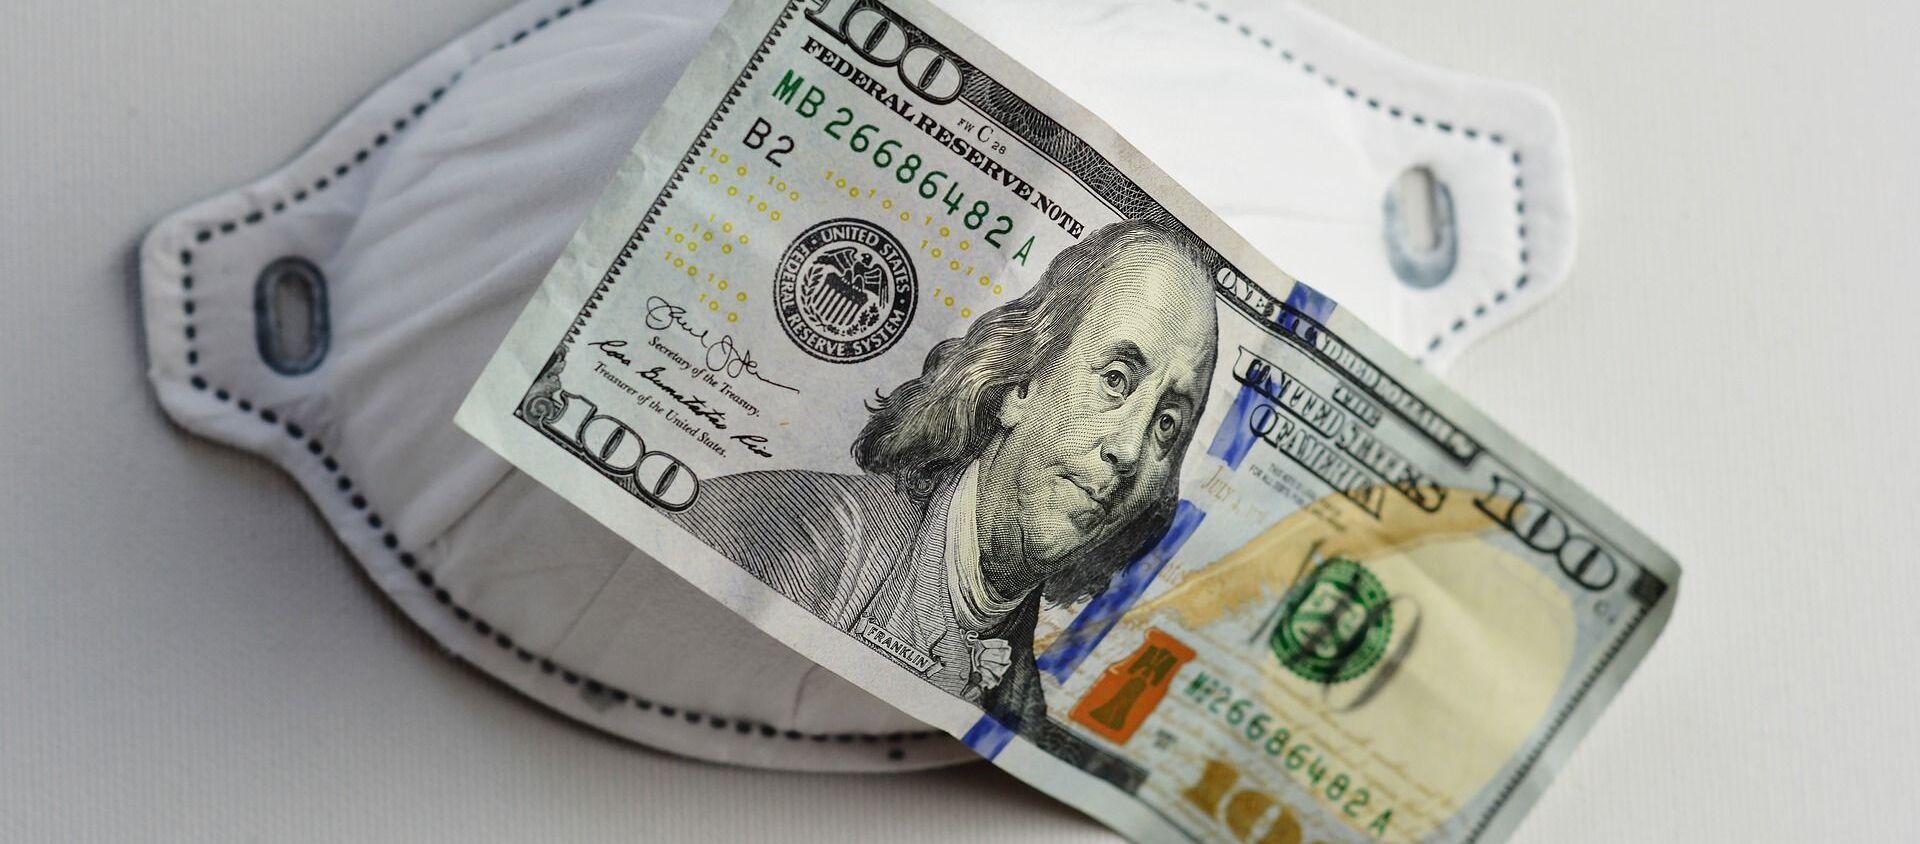 Una mascarilla y un billete de 100 dólares - Sputnik Mundo, 1920, 08.12.2020